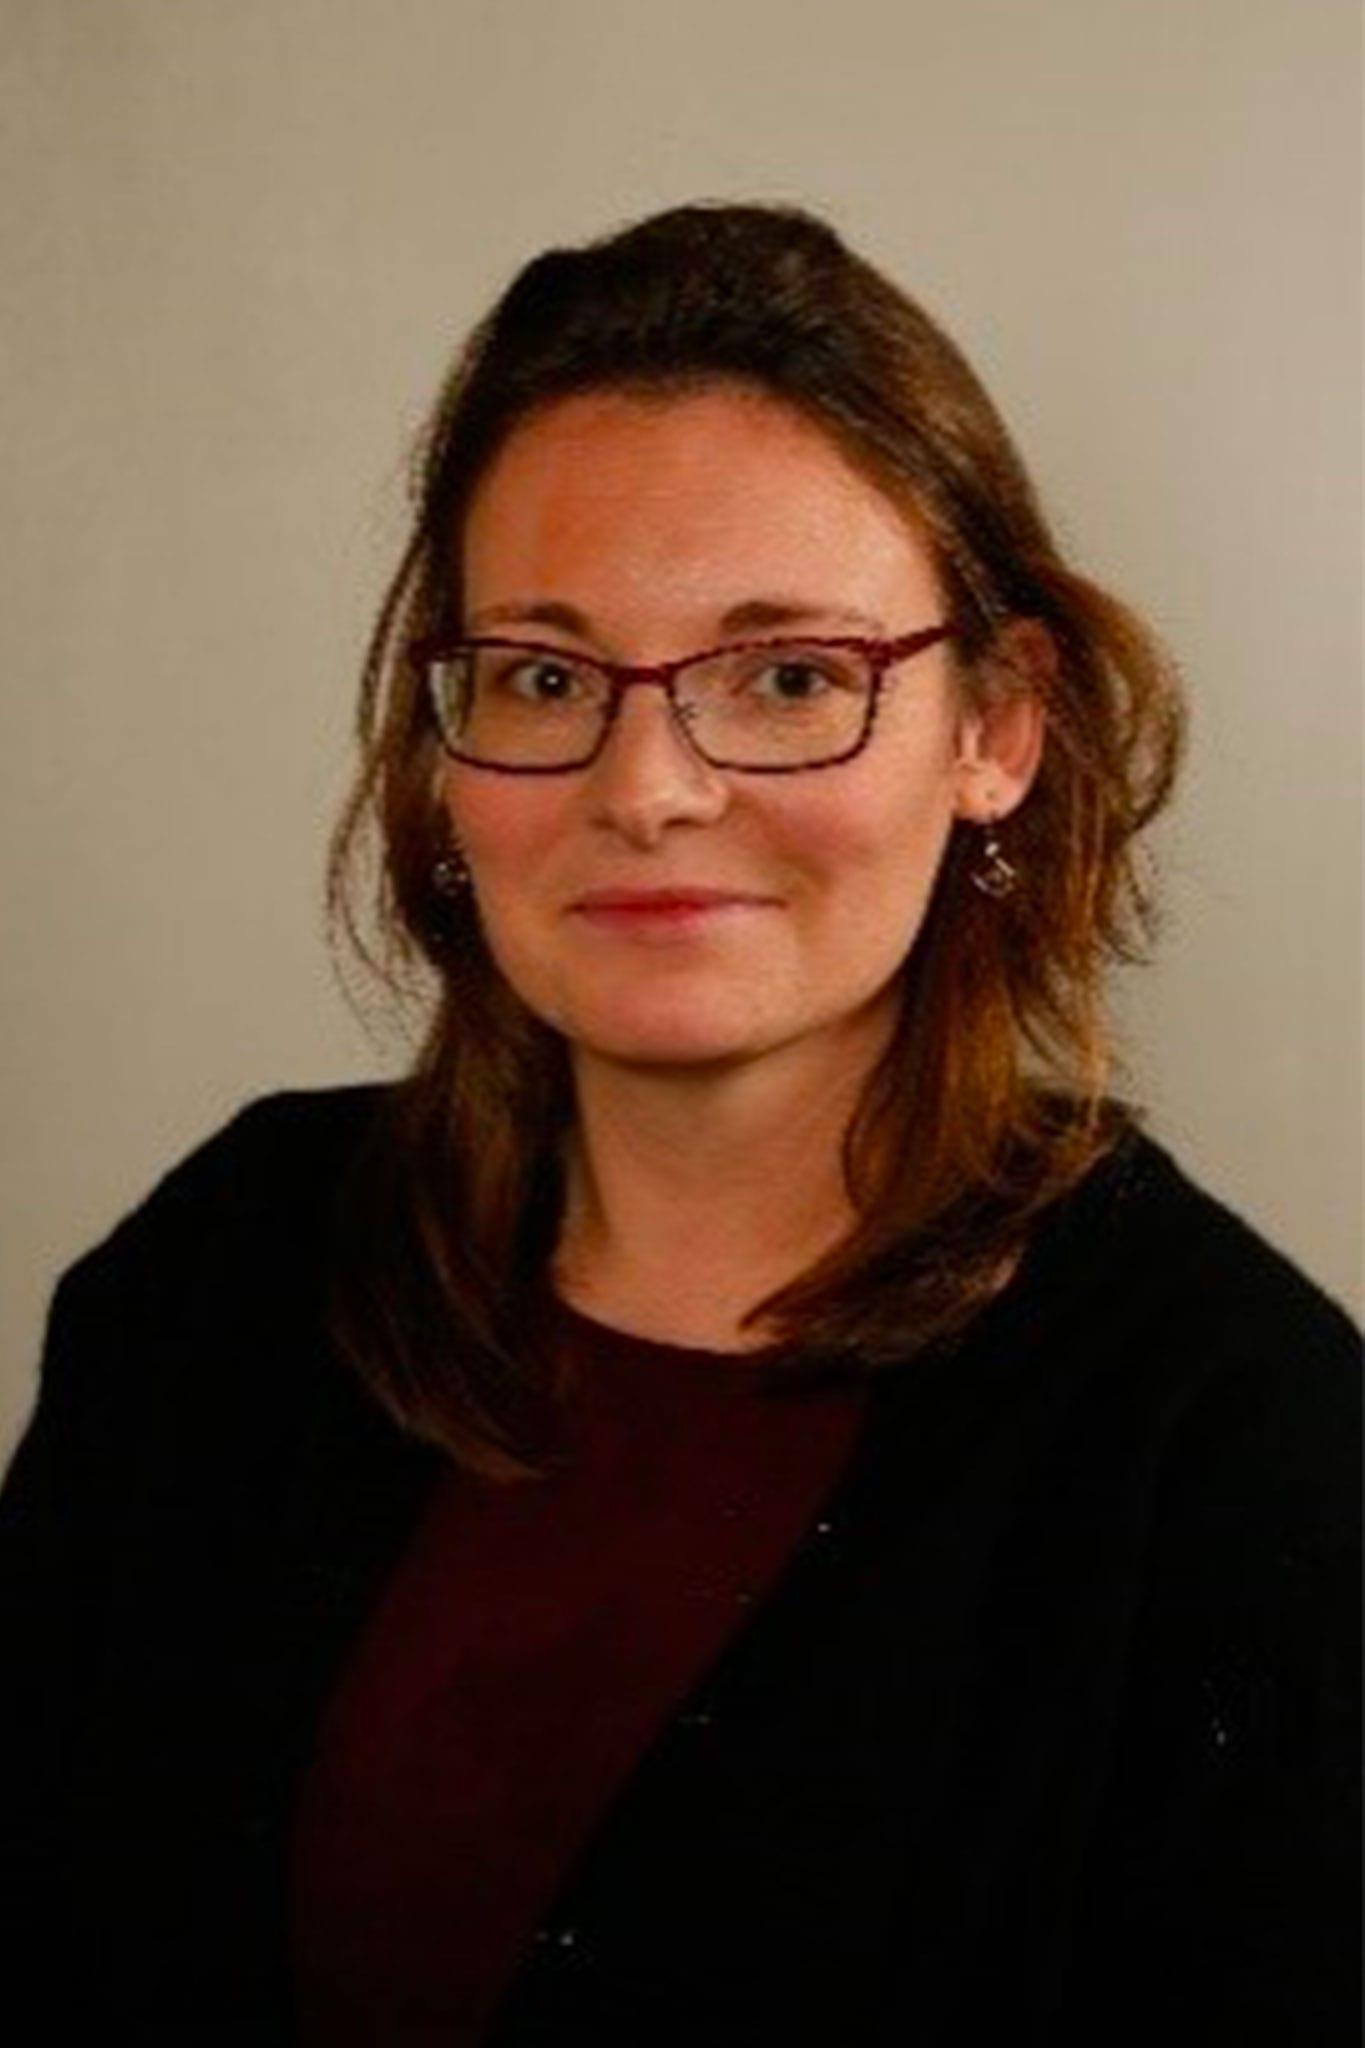 Elise Mas